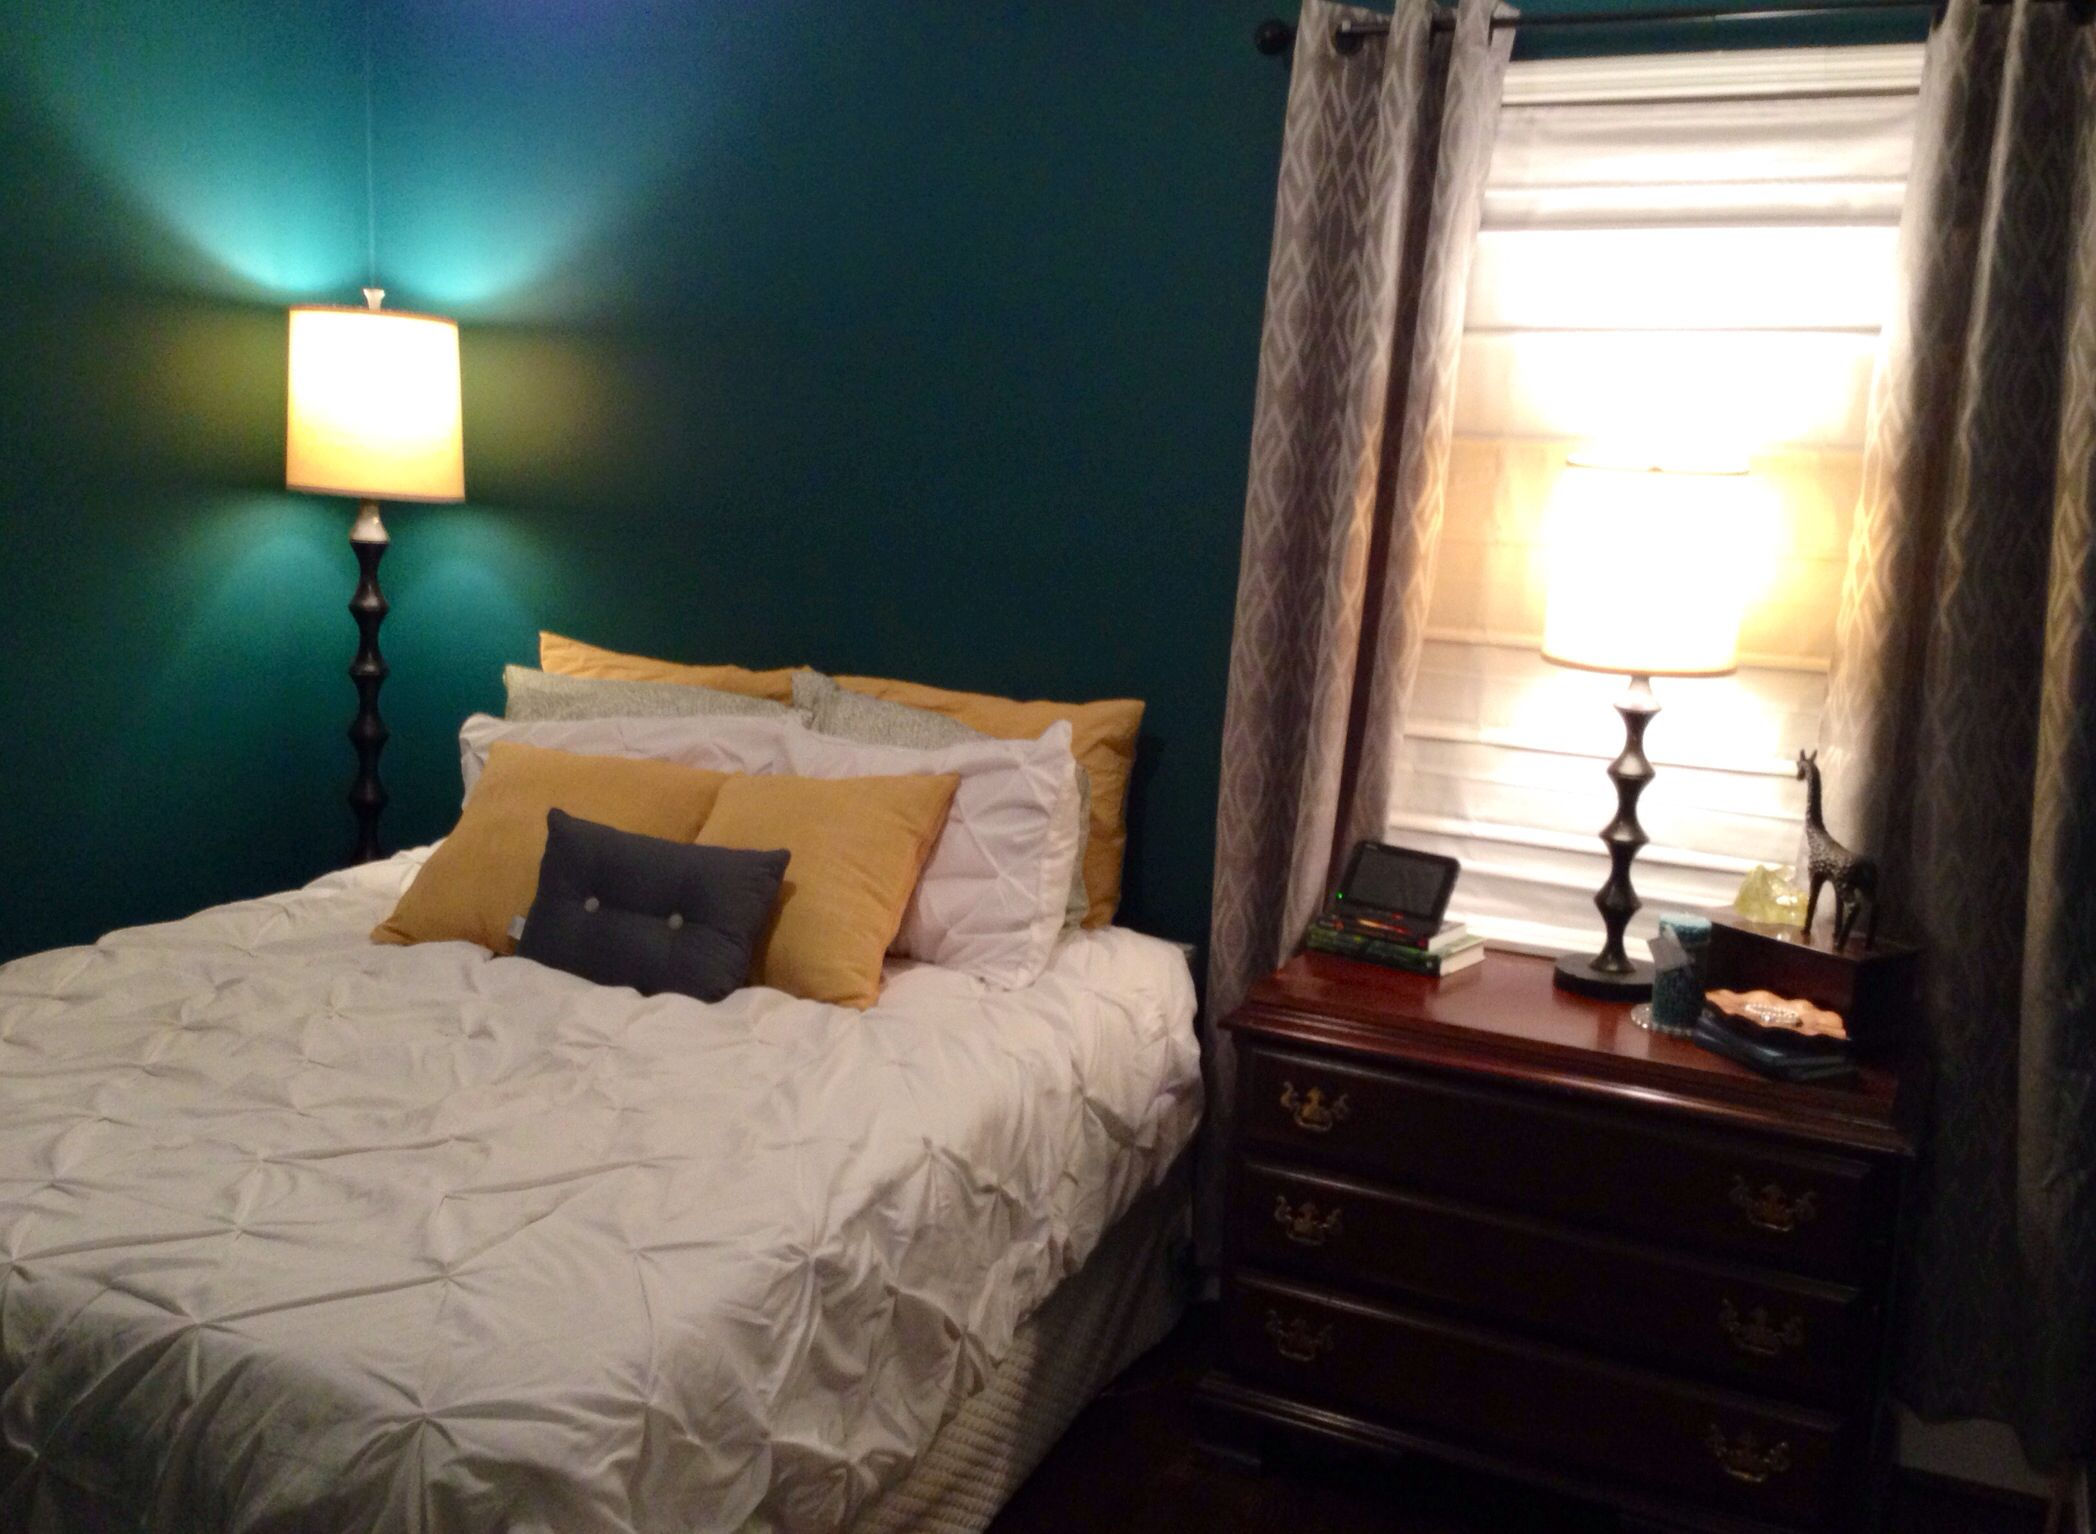 amusing grey teal bedroom | Dark teal, grey, and yellow bedroom | Bedroom, Dark teal ...